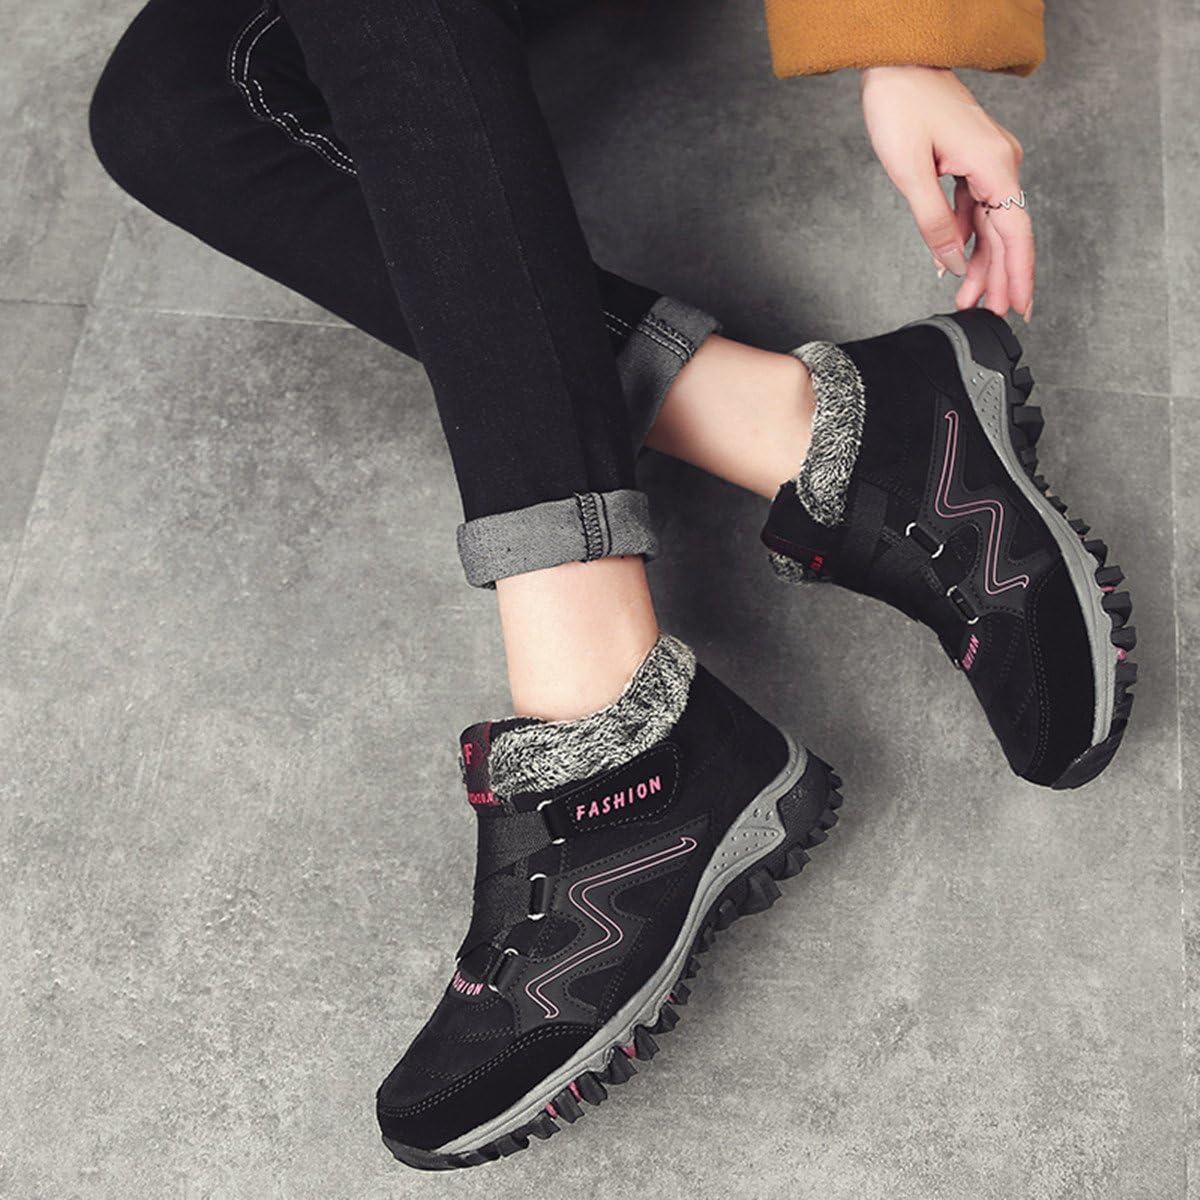 Warm Geftterte Sneakers Winter Boots Stiefel Flach Freizeitschuhe ...